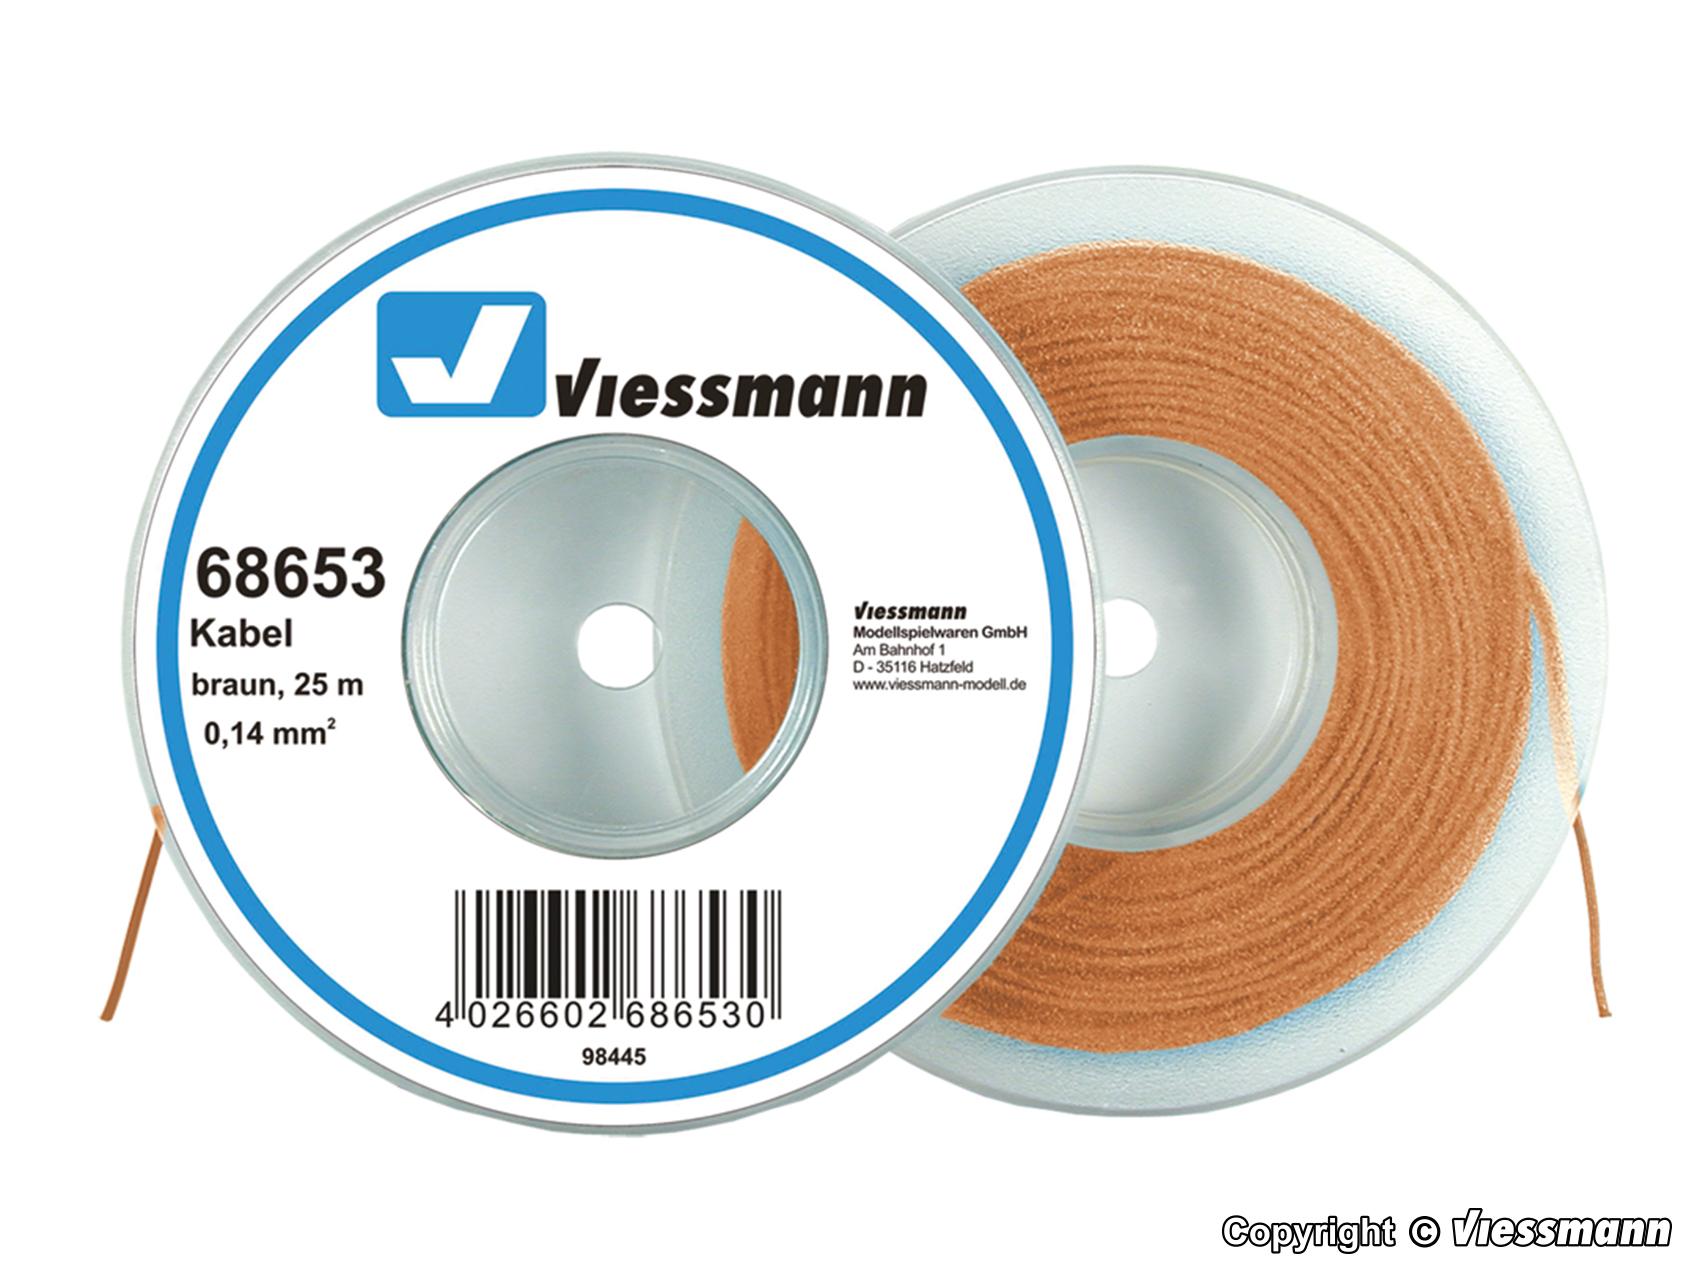 Viessmann 68653 cable en abrollspule 0,14 QMM Braun 25 M